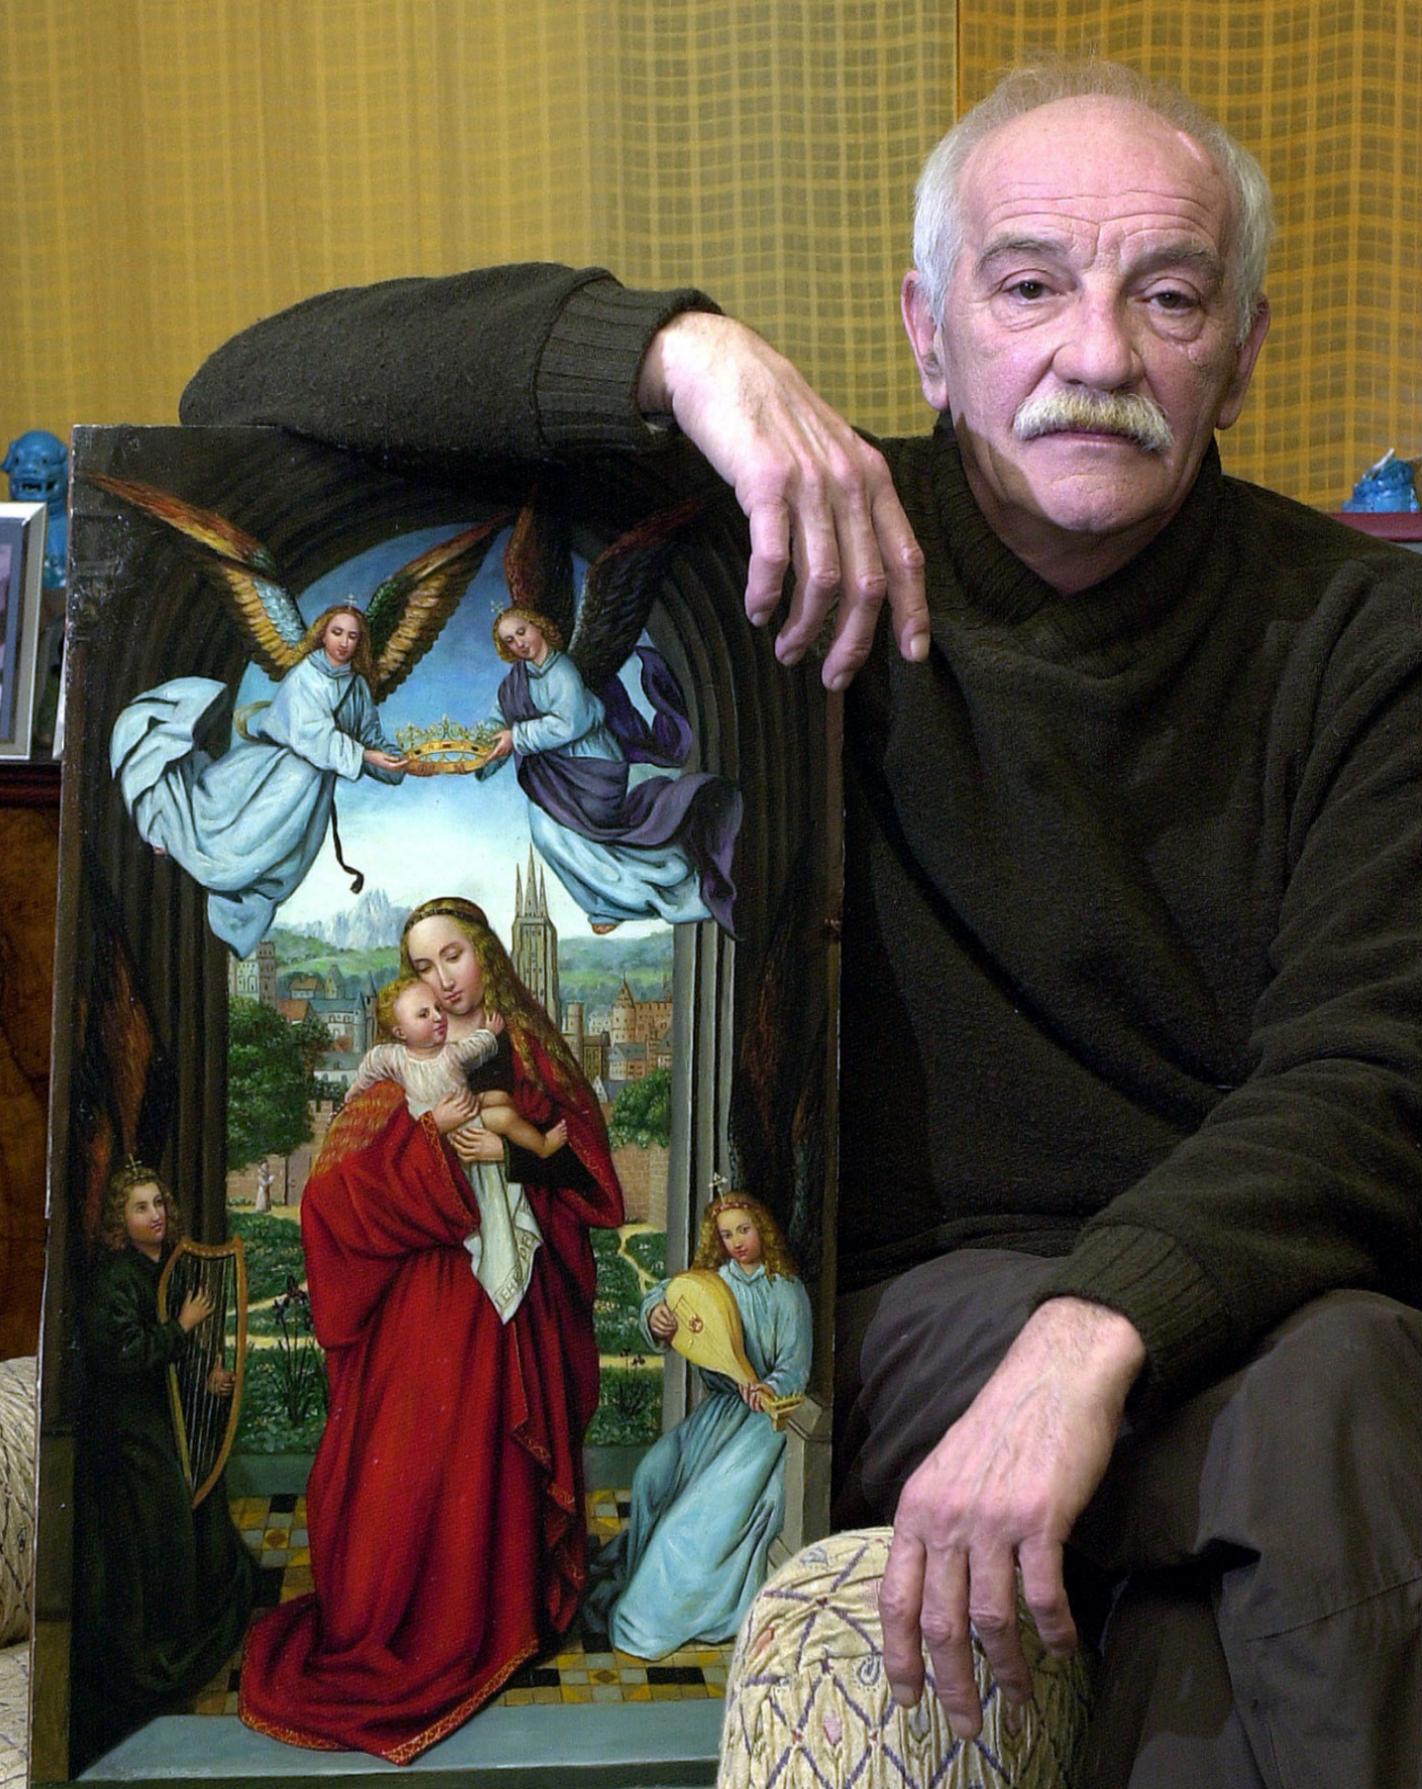 El ladrón Erik el Belga delante de un cuadro de la virgen con niño hace algunos años.